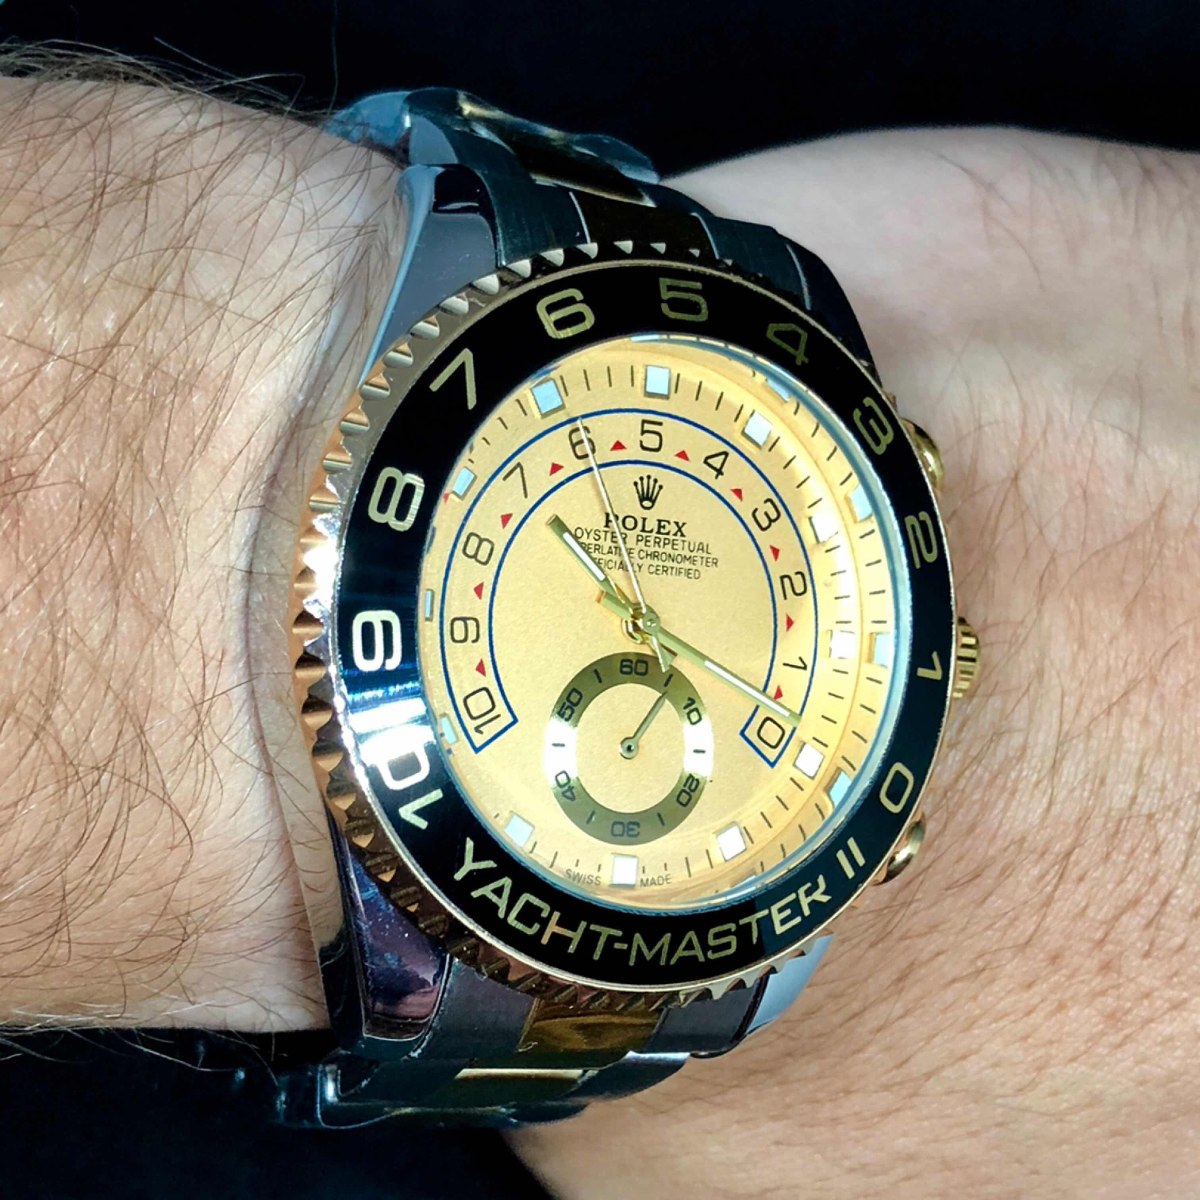 09e70e97569 relógio rolex submariner yacht master novo. Carregando zoom.